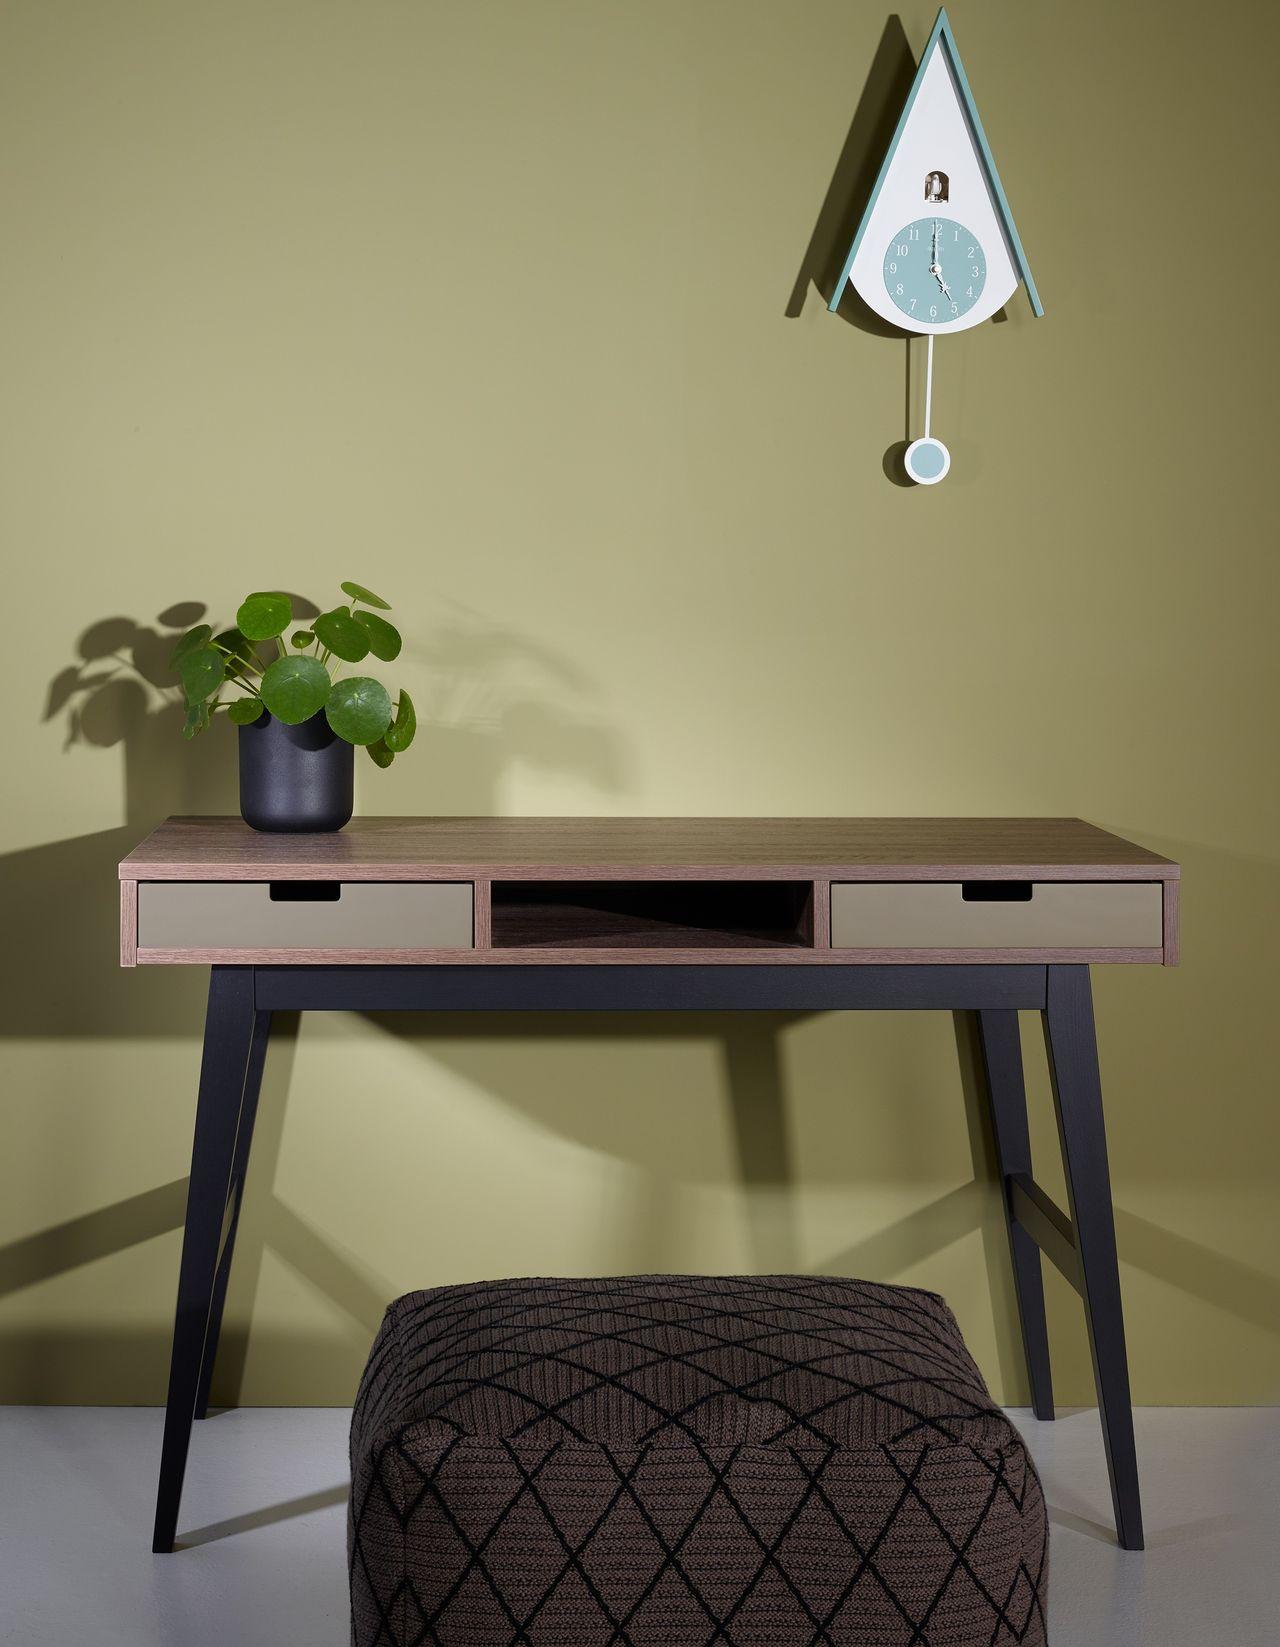 Quax Trendy Schreibtisch Royal Oak in Berlin kaufen - Kleine Fabriek